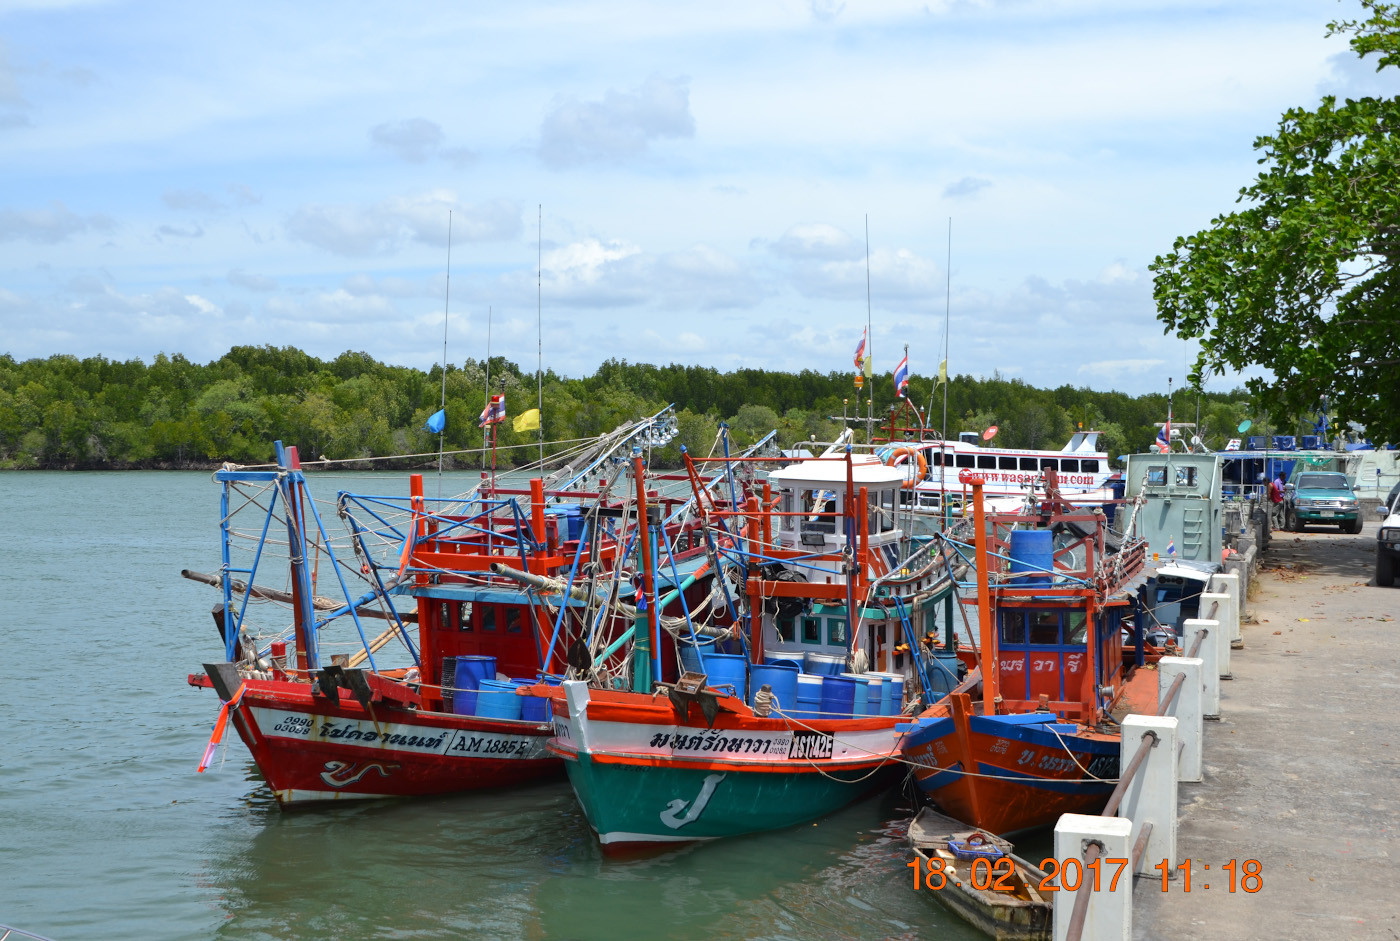 Фото 28. Лодки на пирсе Пакбара (Pak Bara Pier), с которого можно добраться до острова Ко Липе самостоятельно. 1/320, 9.0, 100, 55.